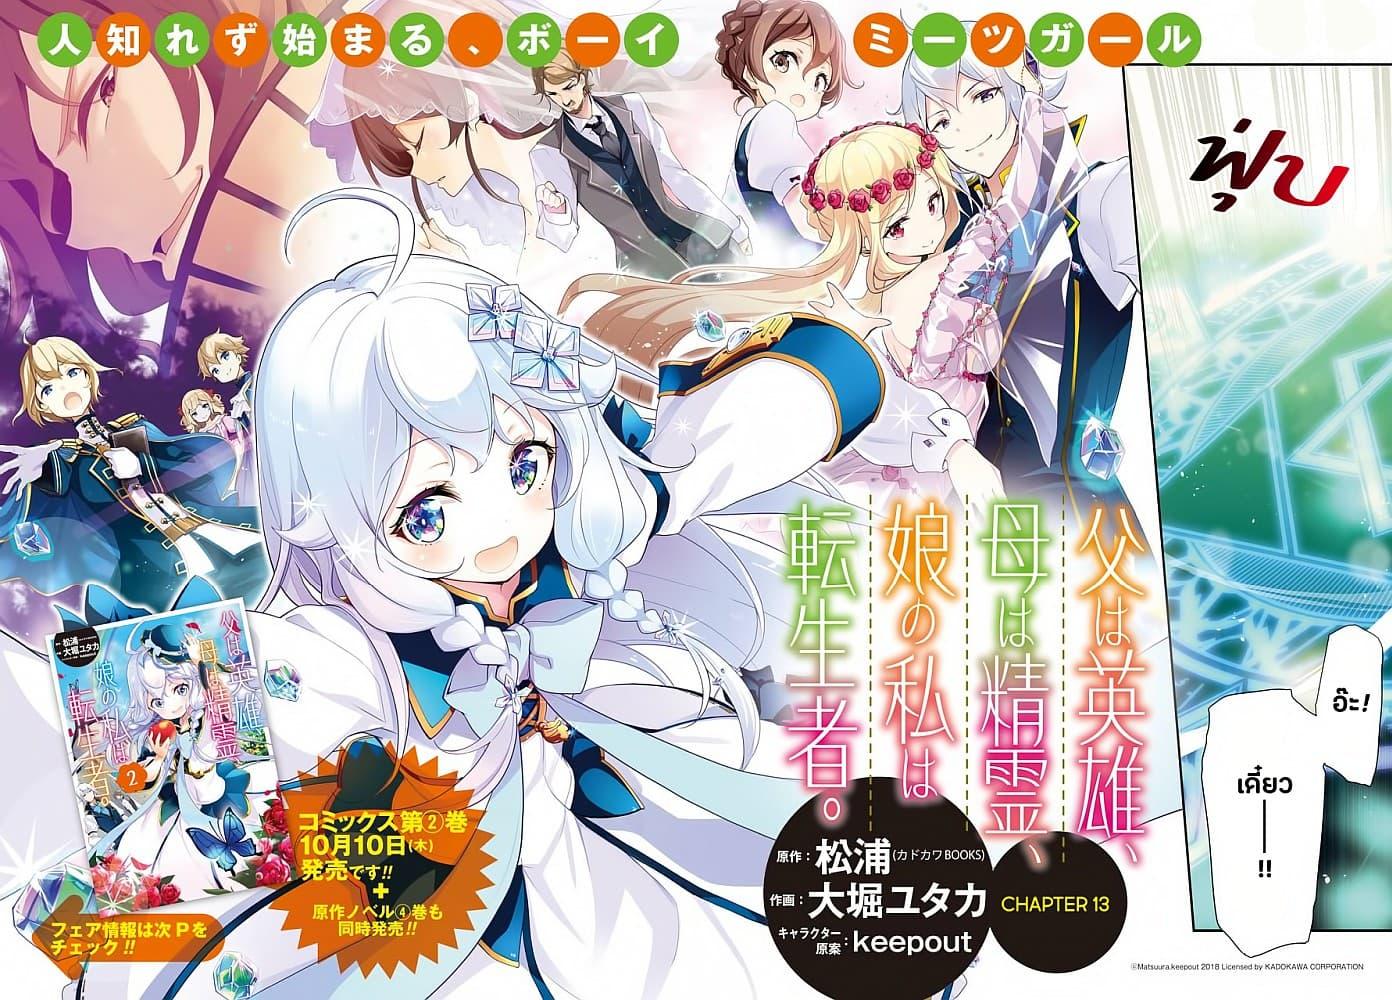 อ่านการ์ตูน Chichi wa Eiyuu Haha wa Seirei, Musume no Watashi wa Tenseisha ตอนที่ 13 หน้าที่ 3